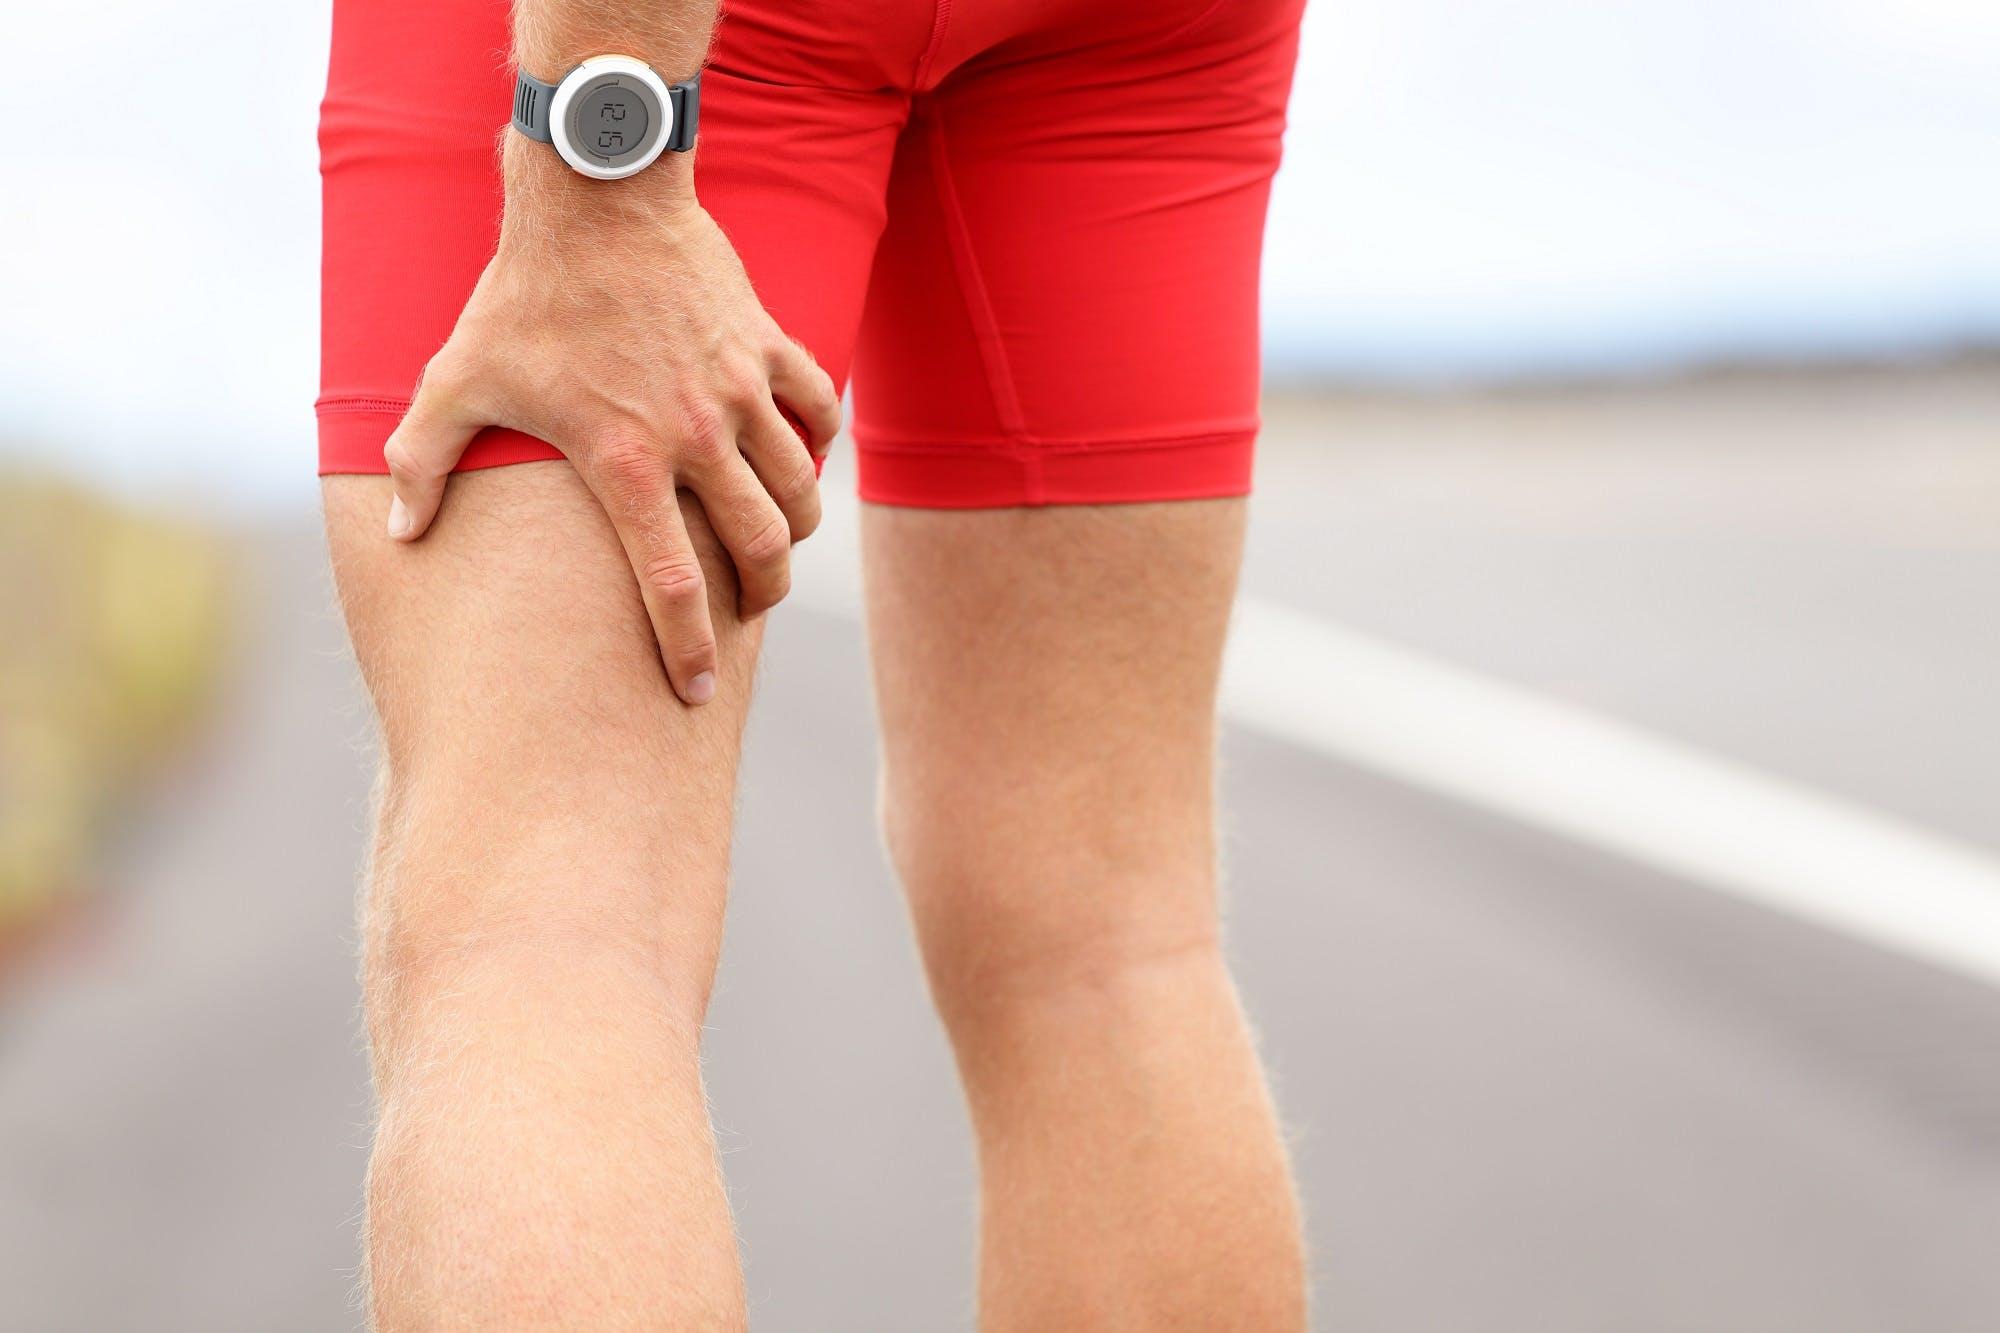 Μυϊκός τραυματισμός σε αθλητές - δρομείς